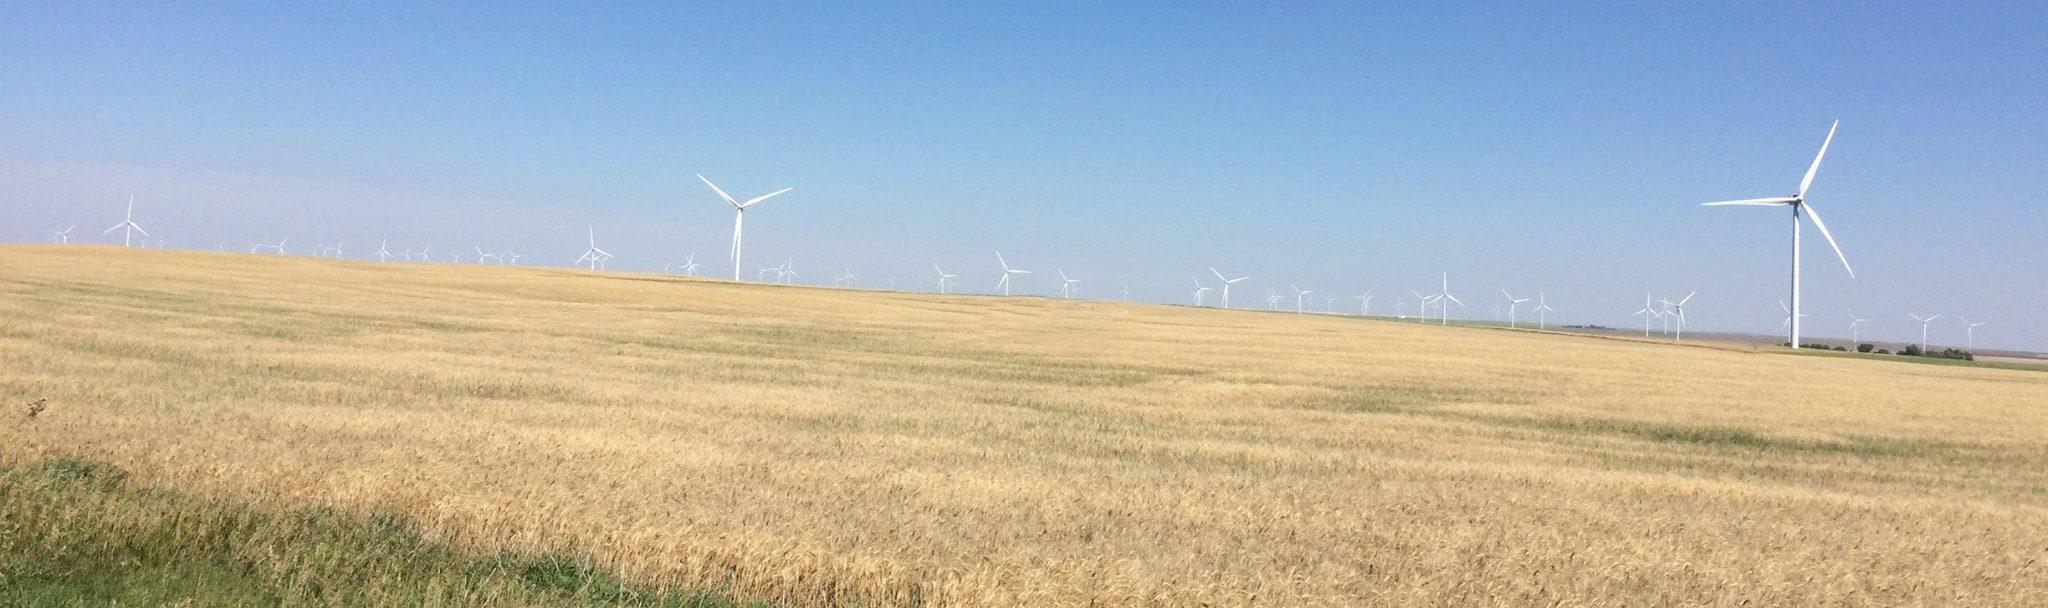 Southern Alberta Wind Farm